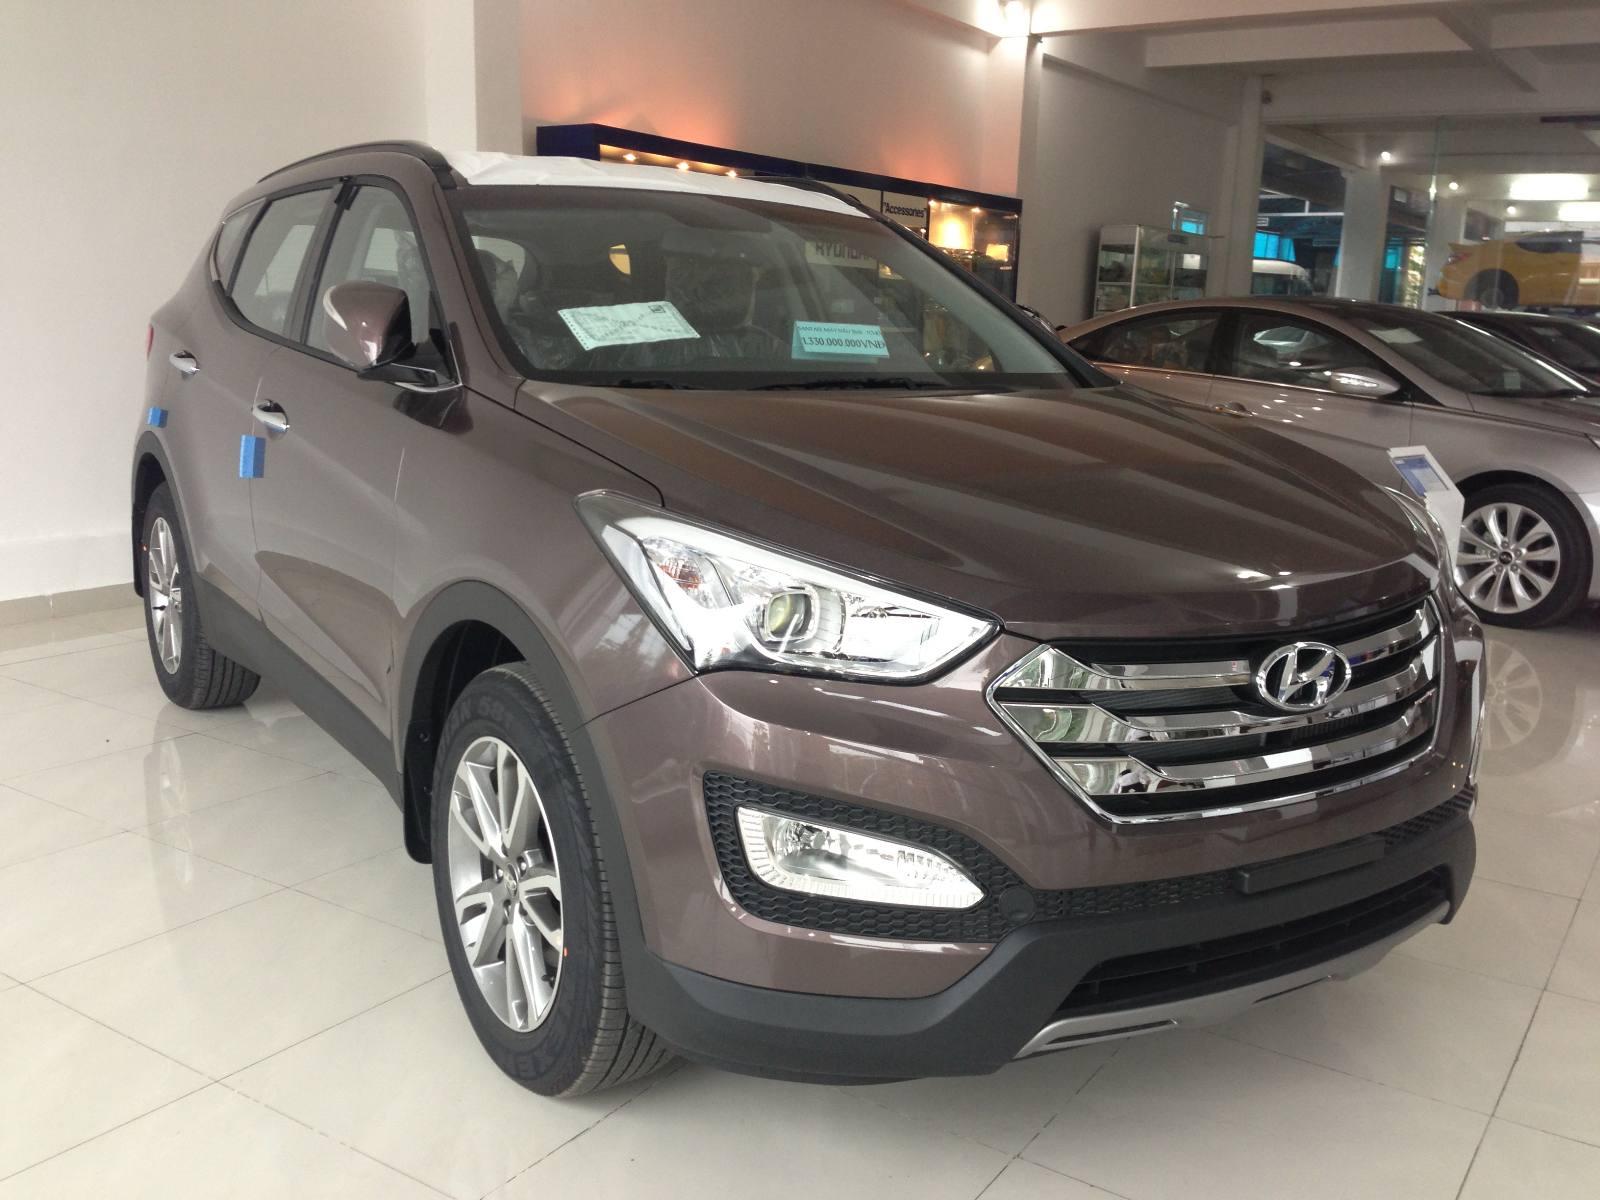 Hyundai SantaFe 2.4 2WD 2013